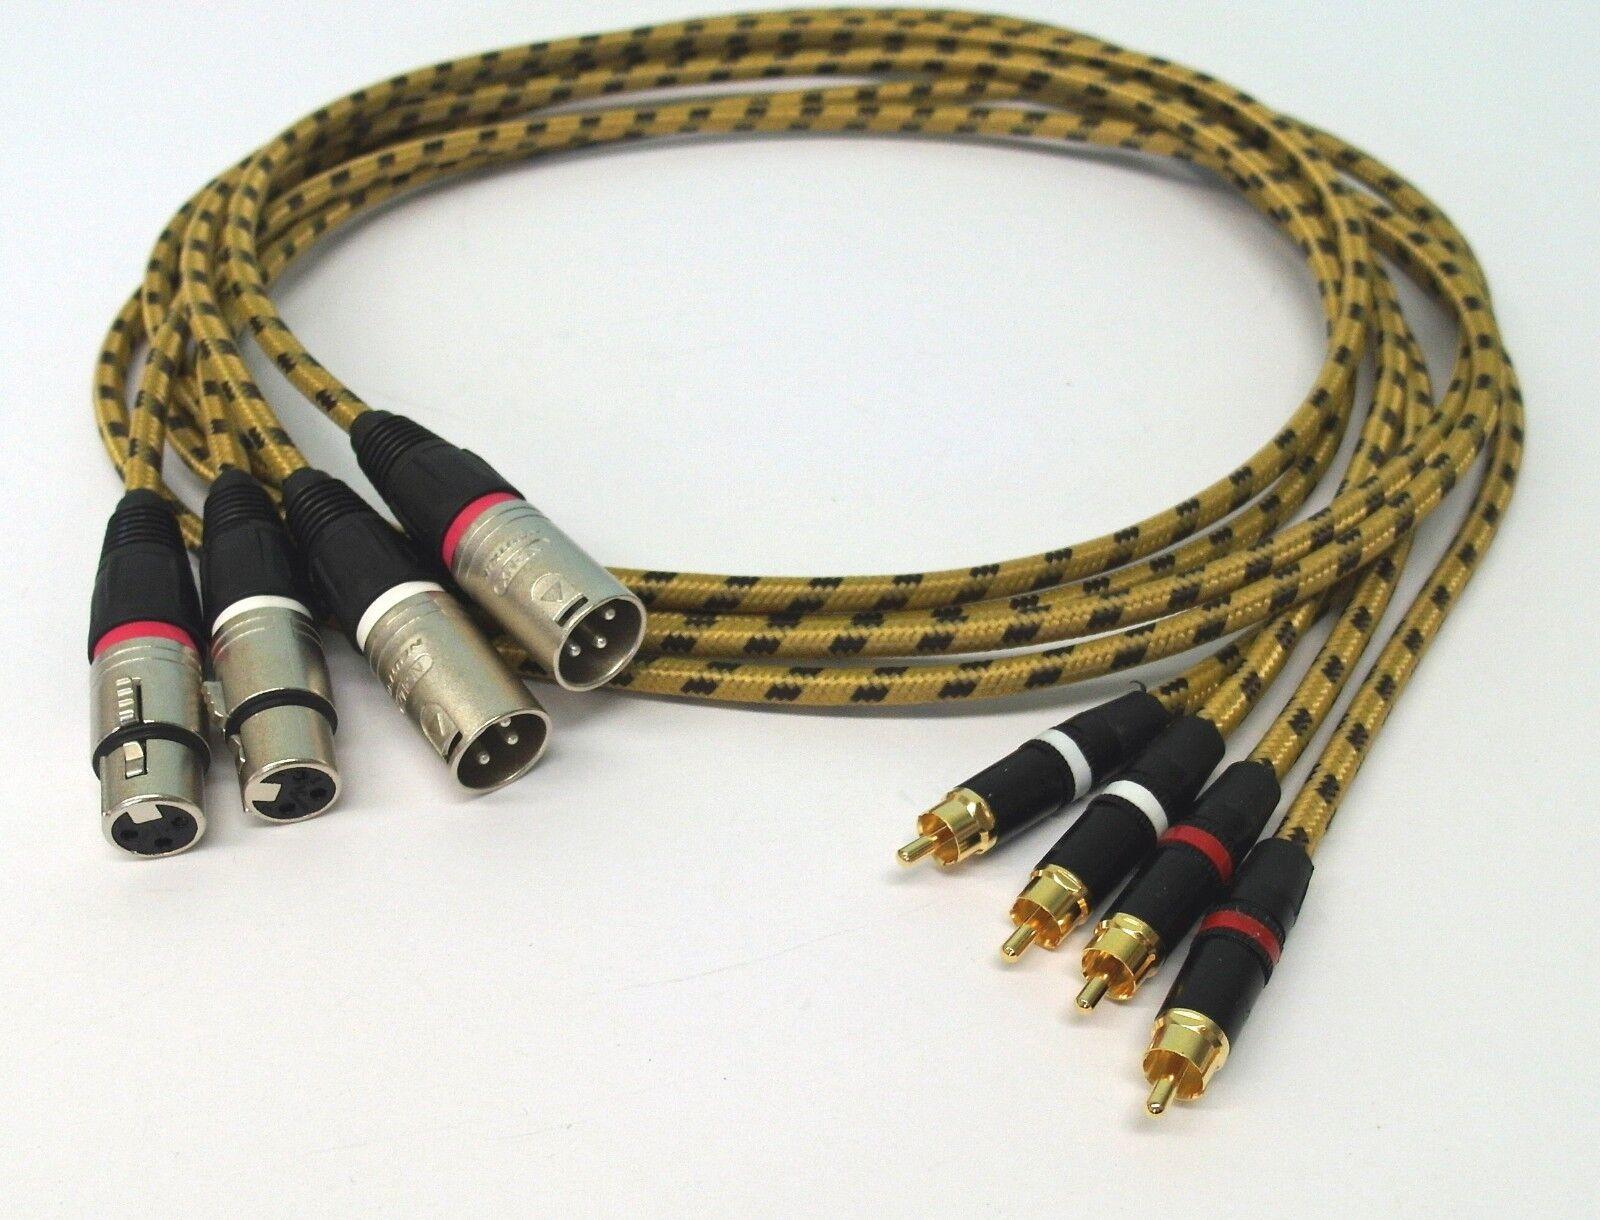 4x1,5 metros Profi XLR-cinch-cable para Revox pr99 Studer c270 a807 a807 a807 a810 a80 a721 05c2b5